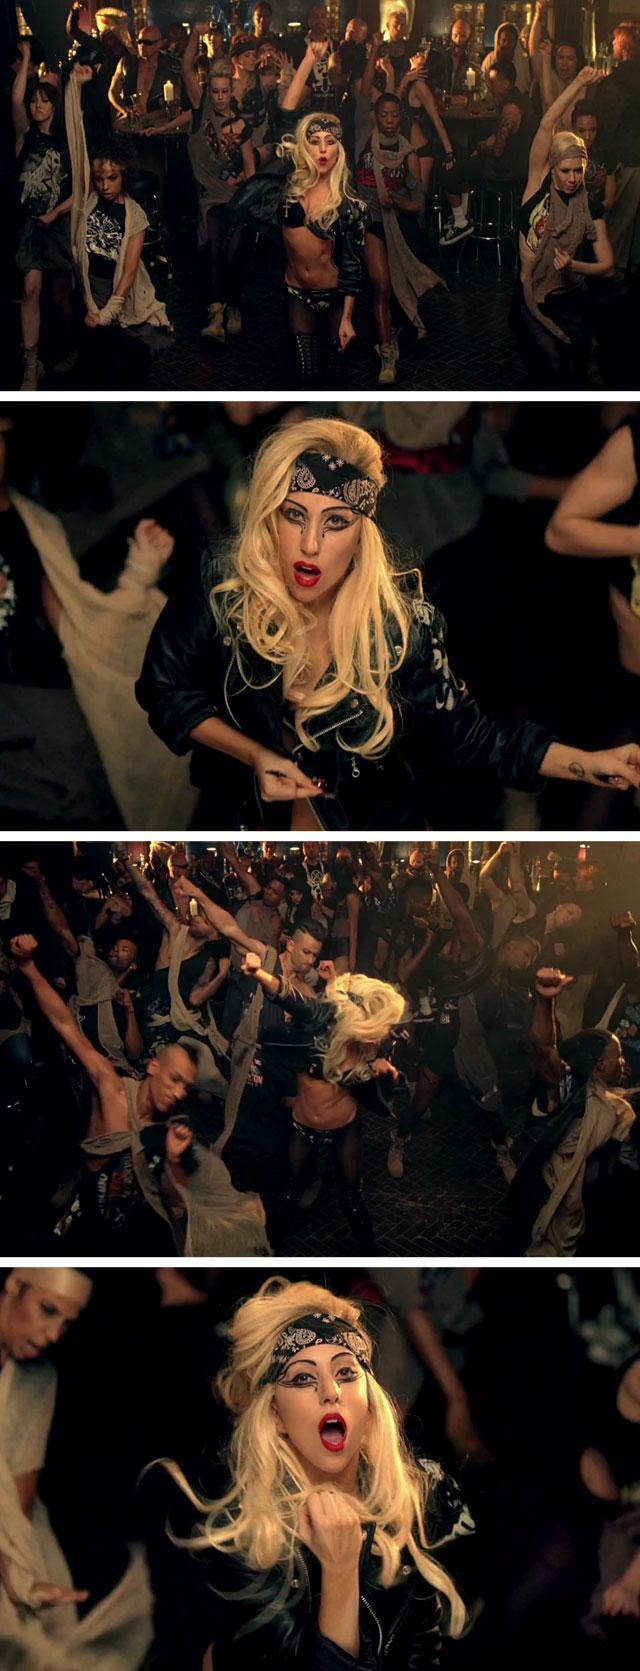 Lady-Gaga-Judas-Recap-dance-sequence